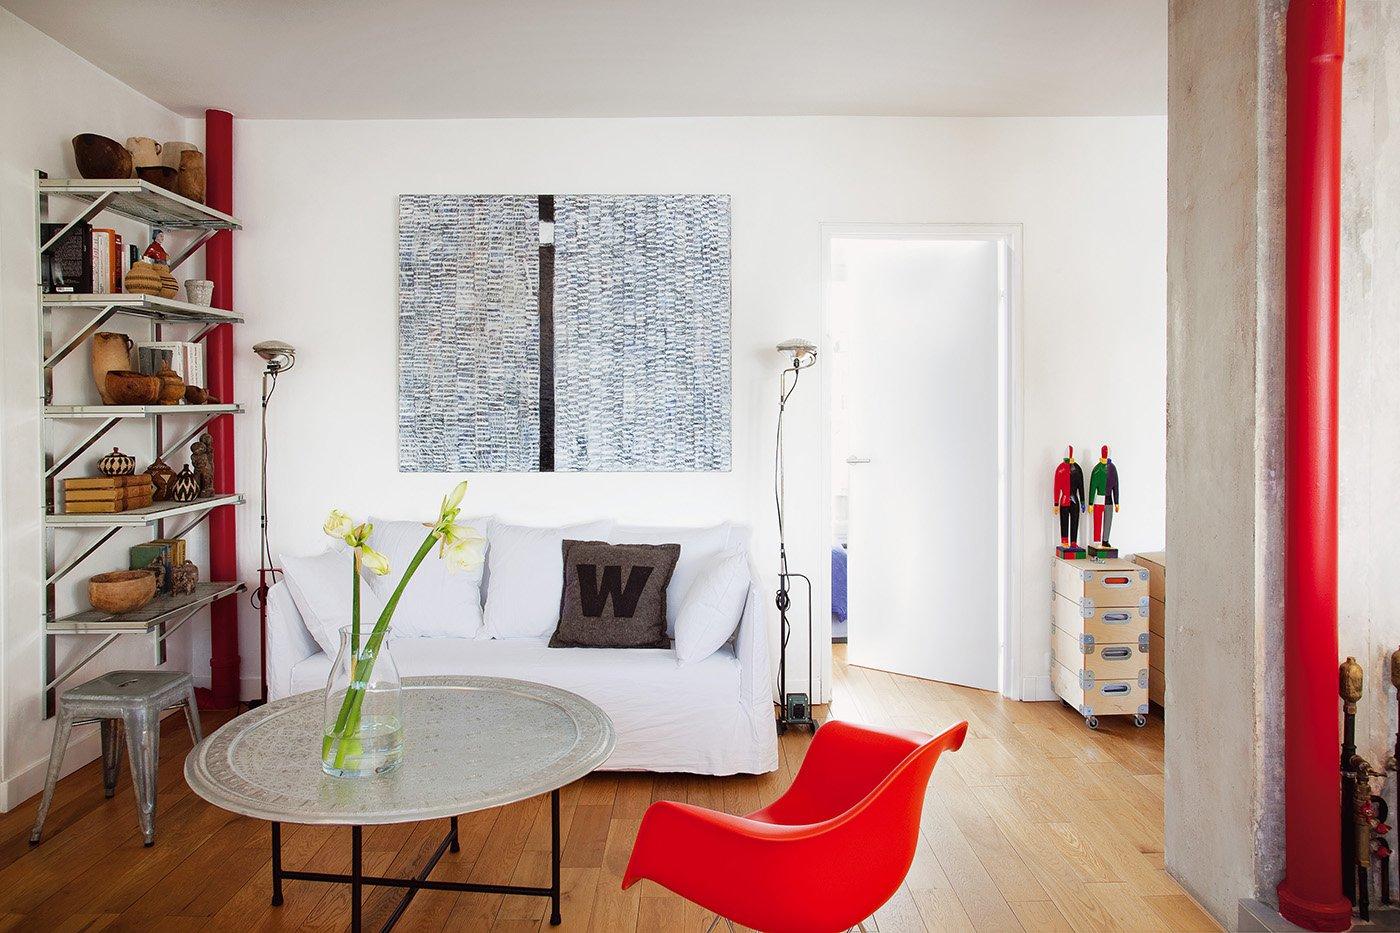 Как расставить мебель в однокомнатной квартире в интерьере